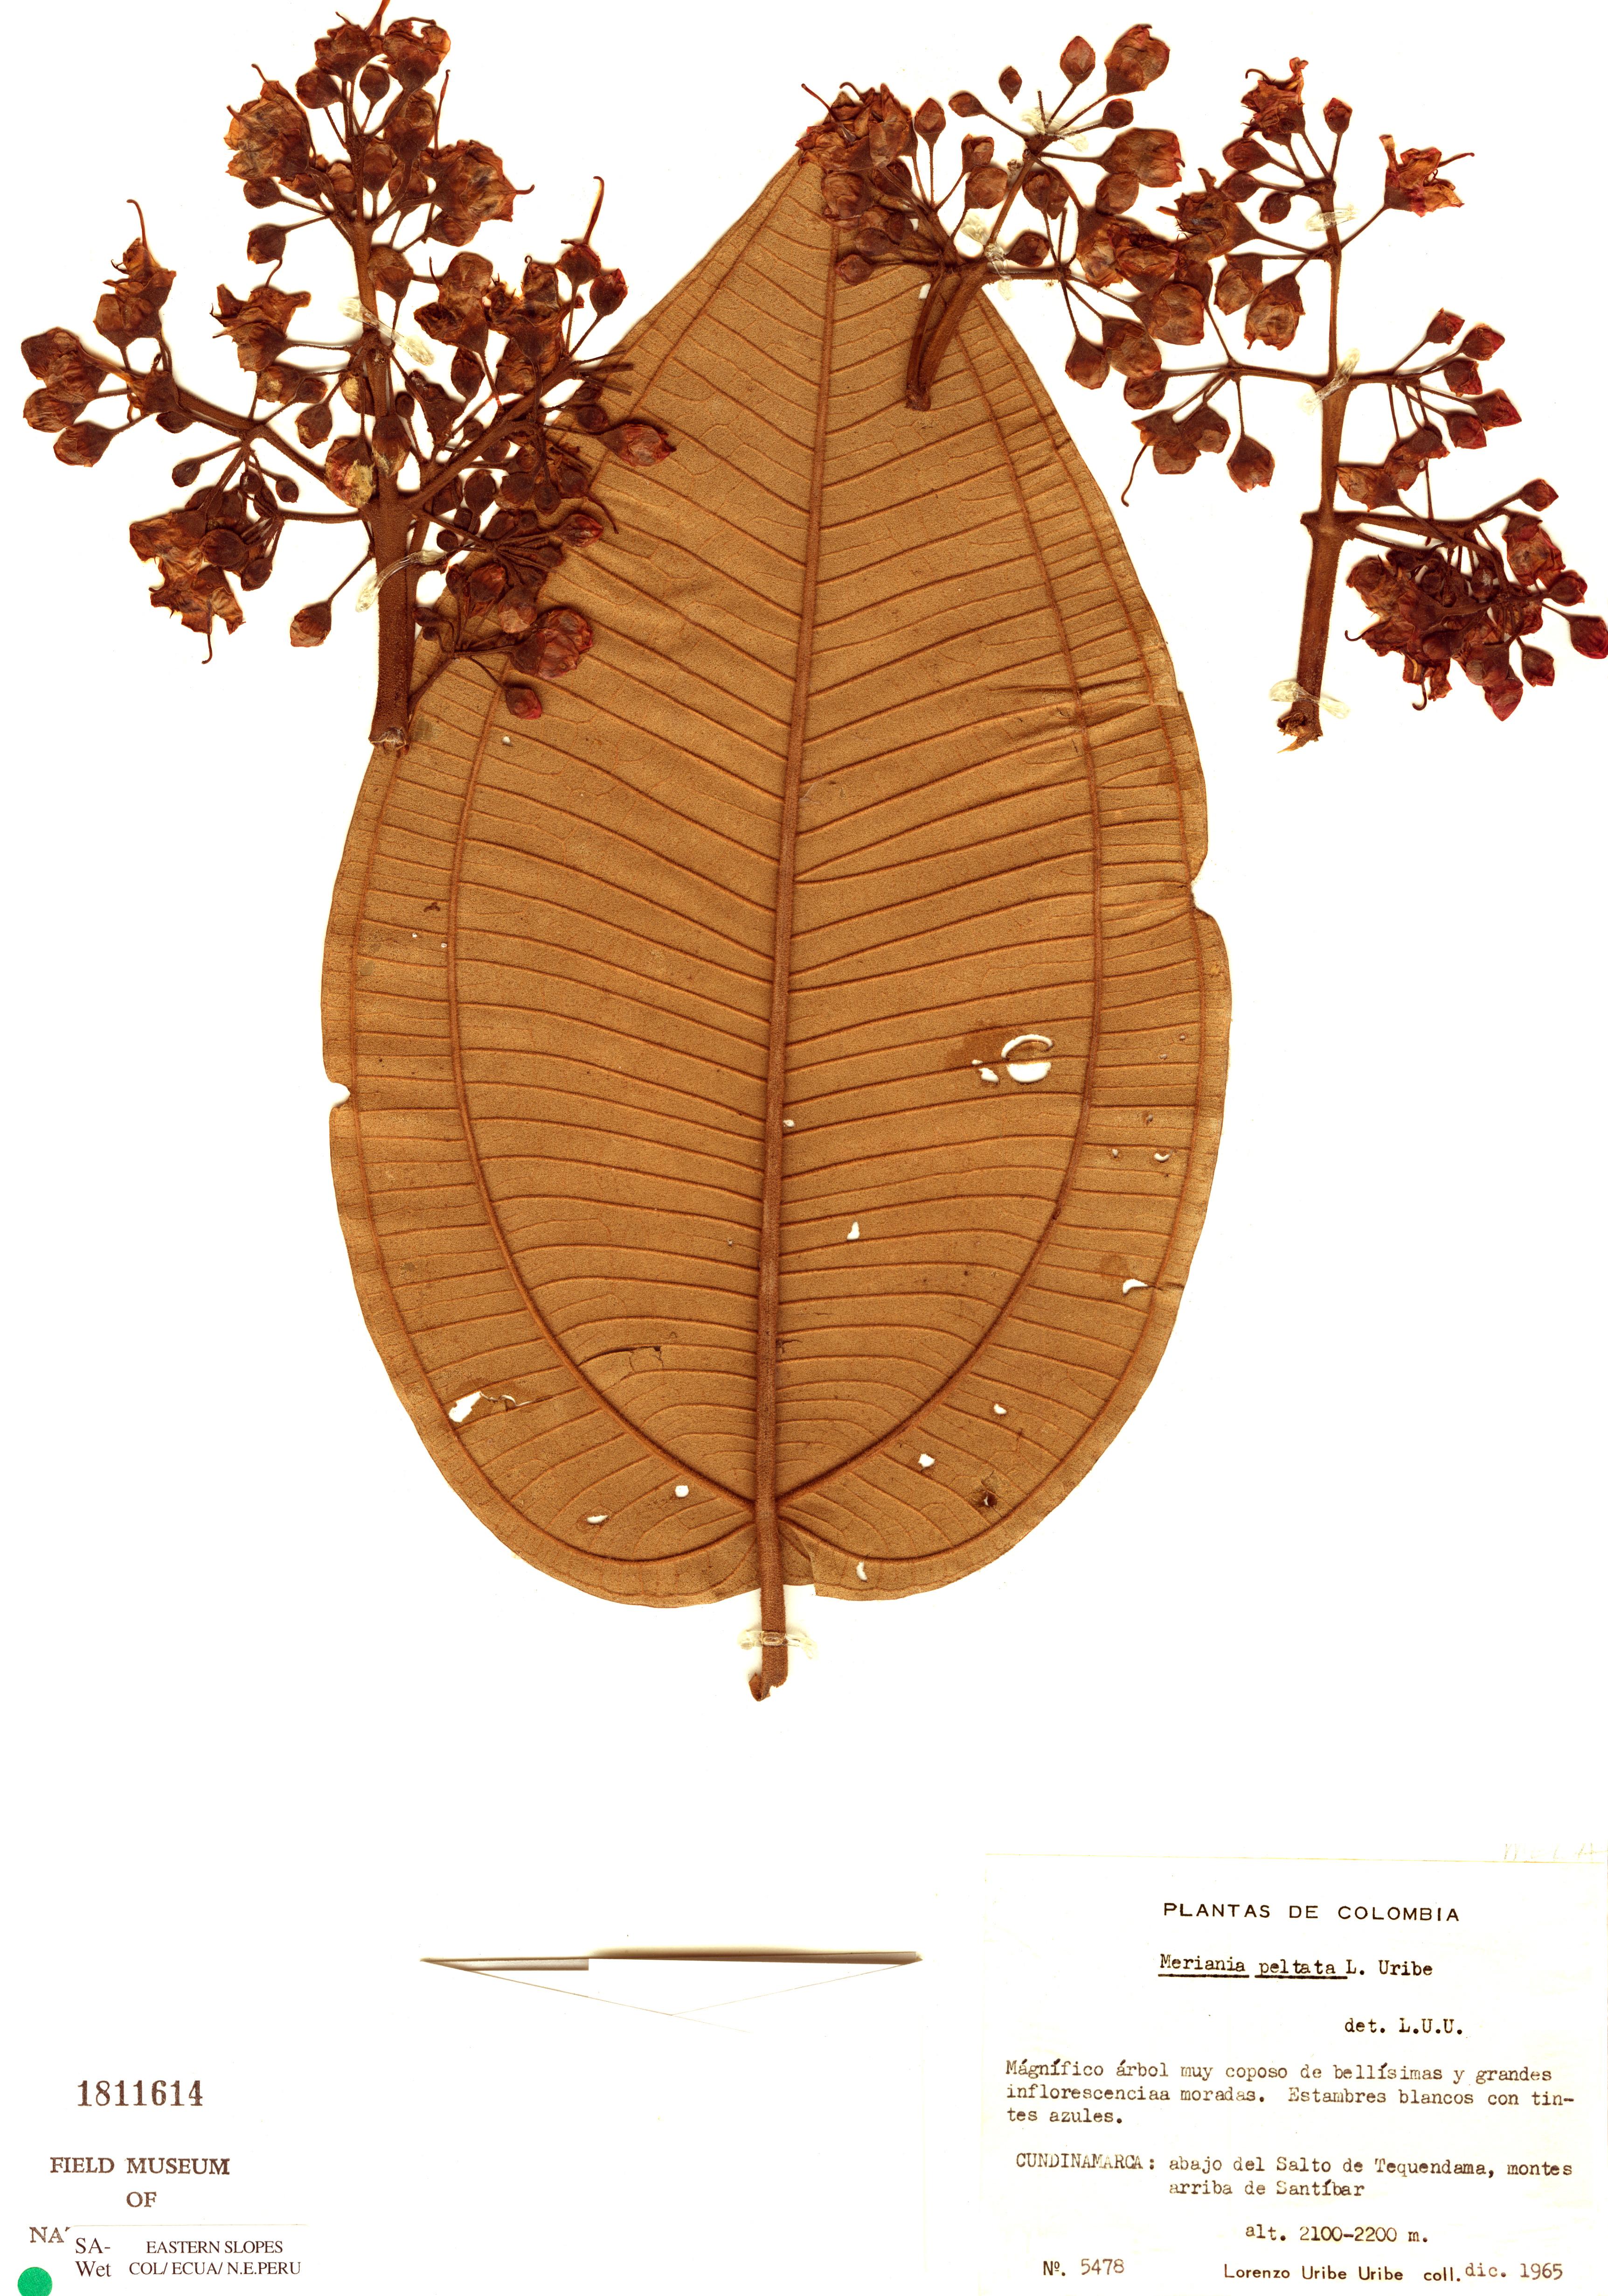 Specimen: Meriania peltata